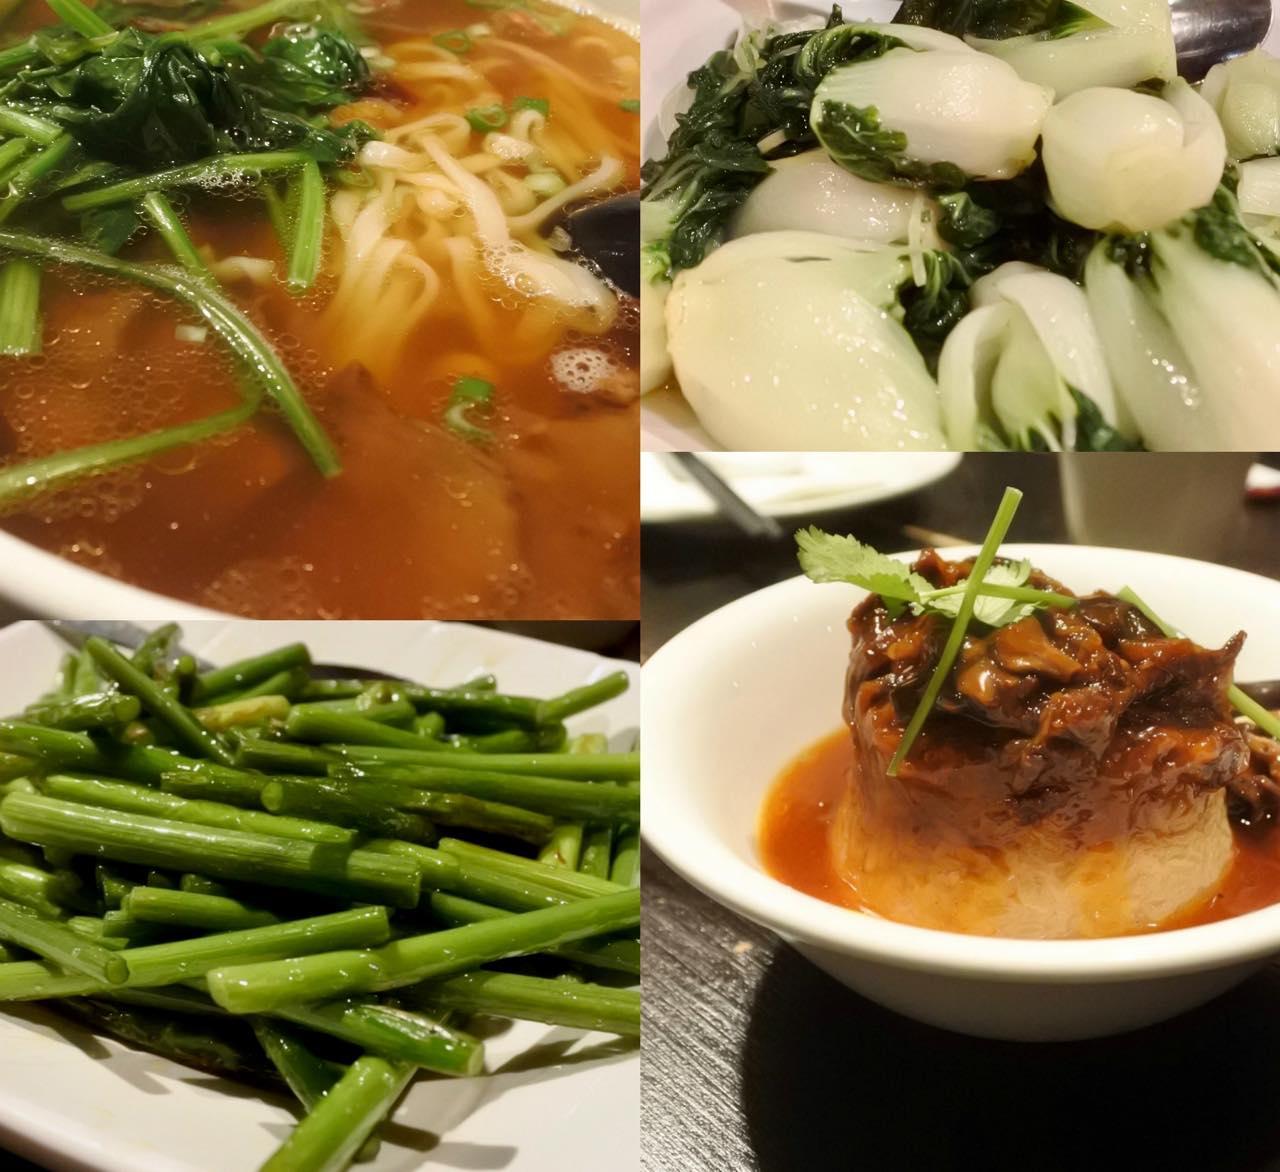 グリーンを頼むなら青梗菜のガーリック・ソース(右上)がおすすめ。空芯菜もいいかも。ニンニクの芽(左下)はオススメしません。右下は豚の煮込みライスですが、これとは別に豚バラ肉のライスがあります。左上がさっぱり美味しかったビーフ・ヌードル♪